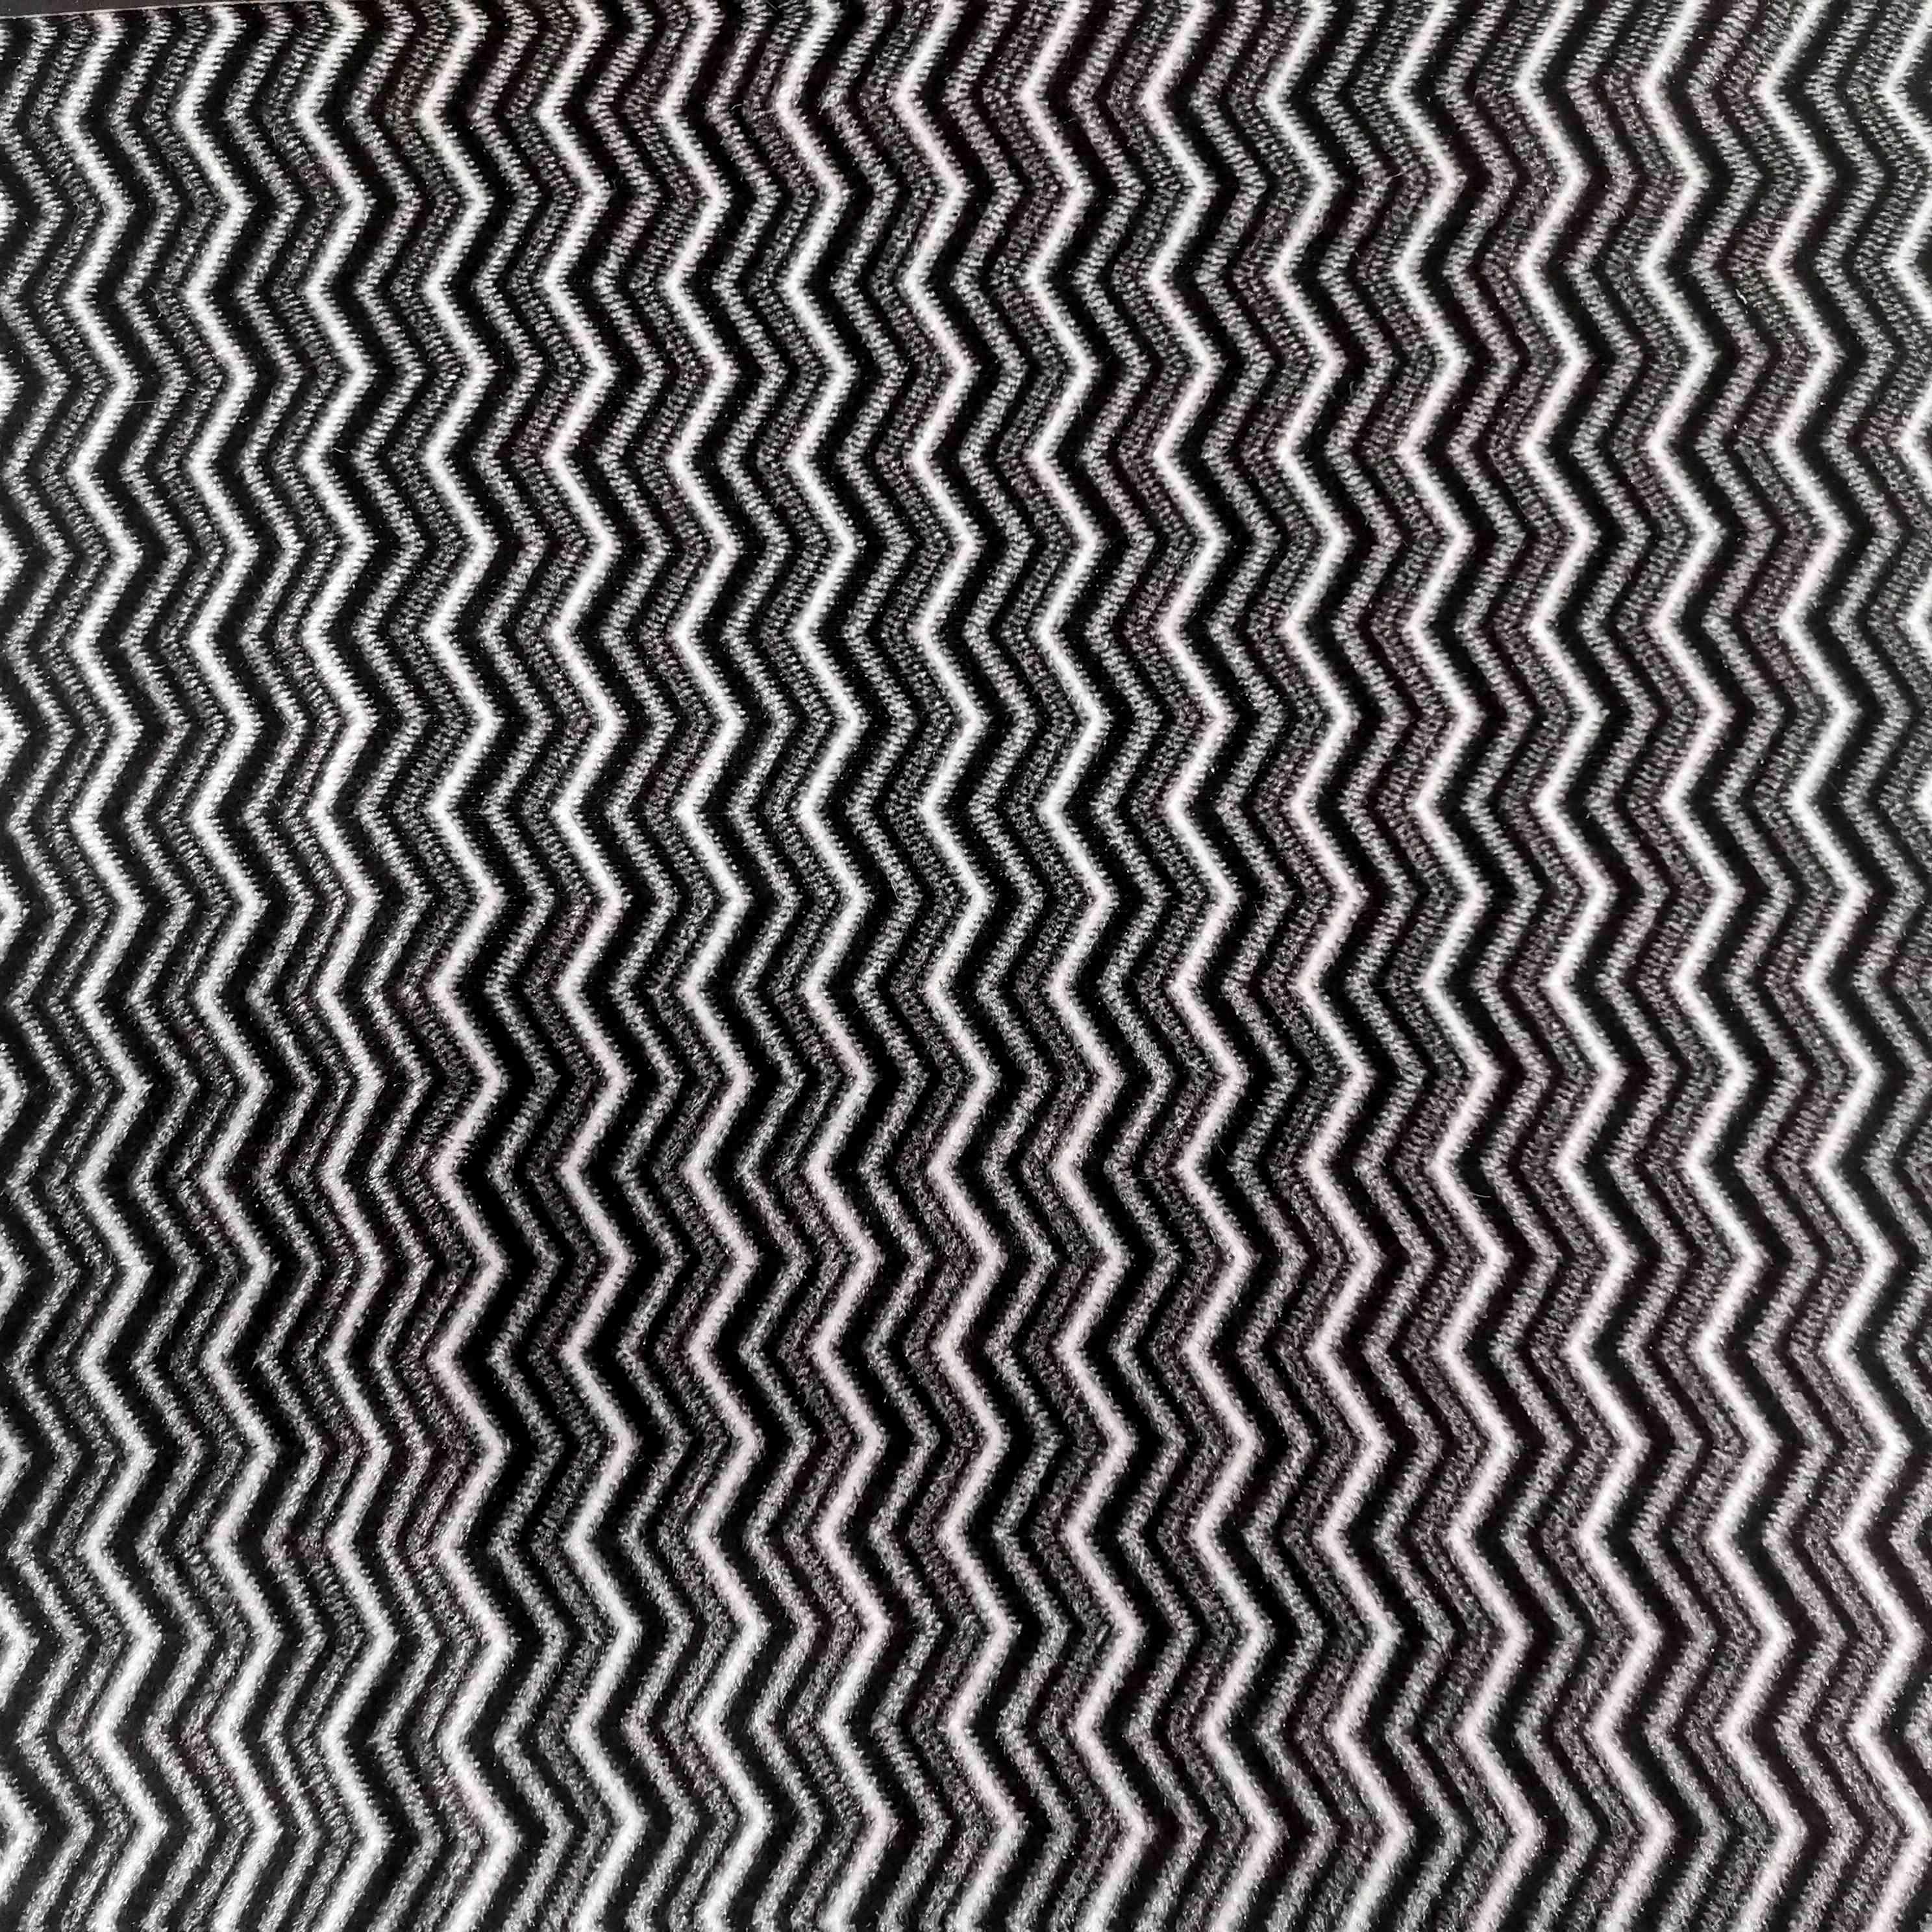 Автомобильная жаккардовая бархатная ткань